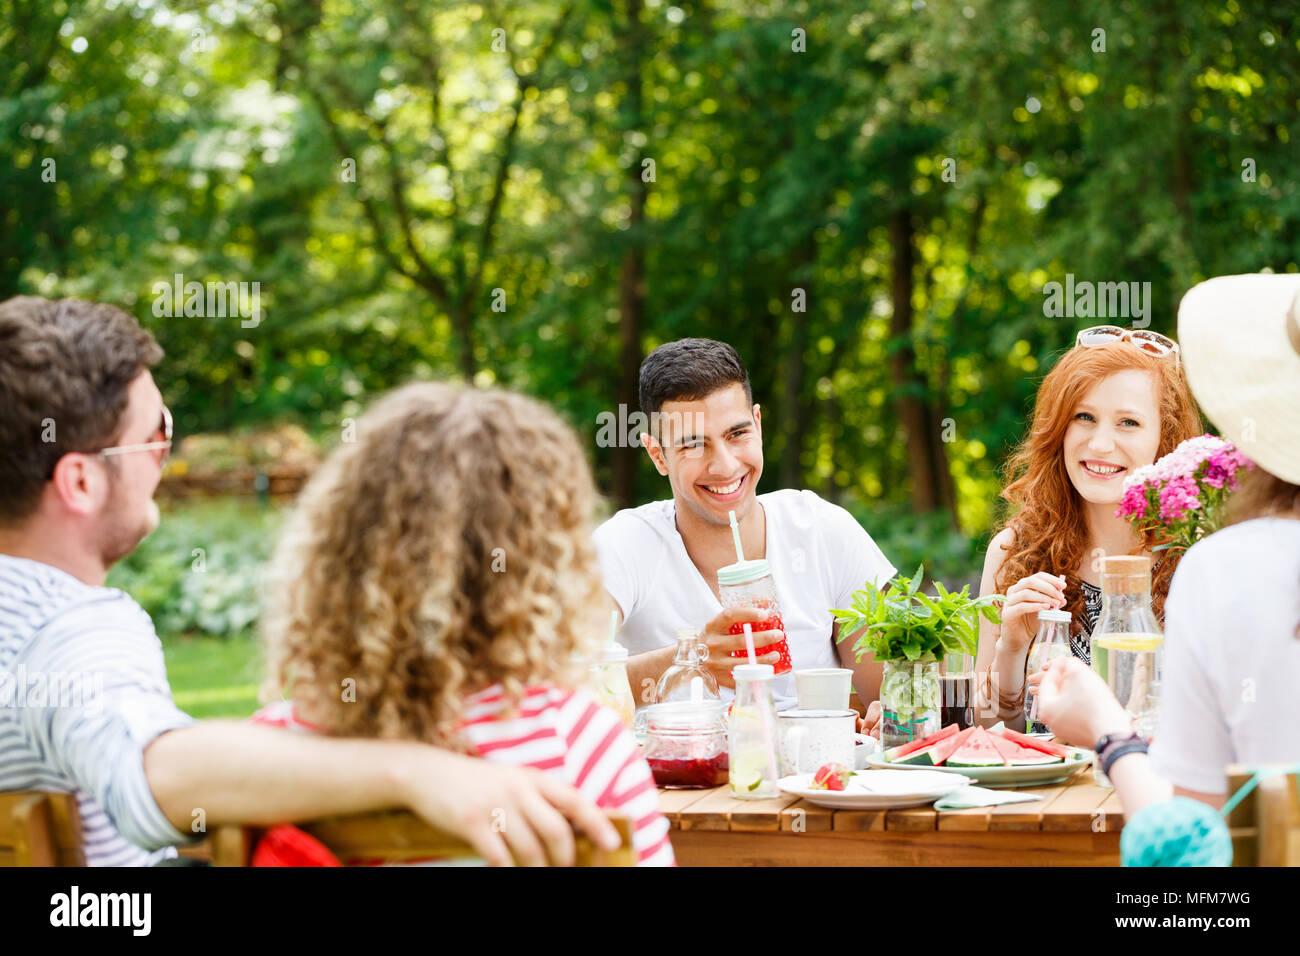 Los jóvenes riendo, comiendo y hablando en un día soleado en el jardín Imagen De Stock